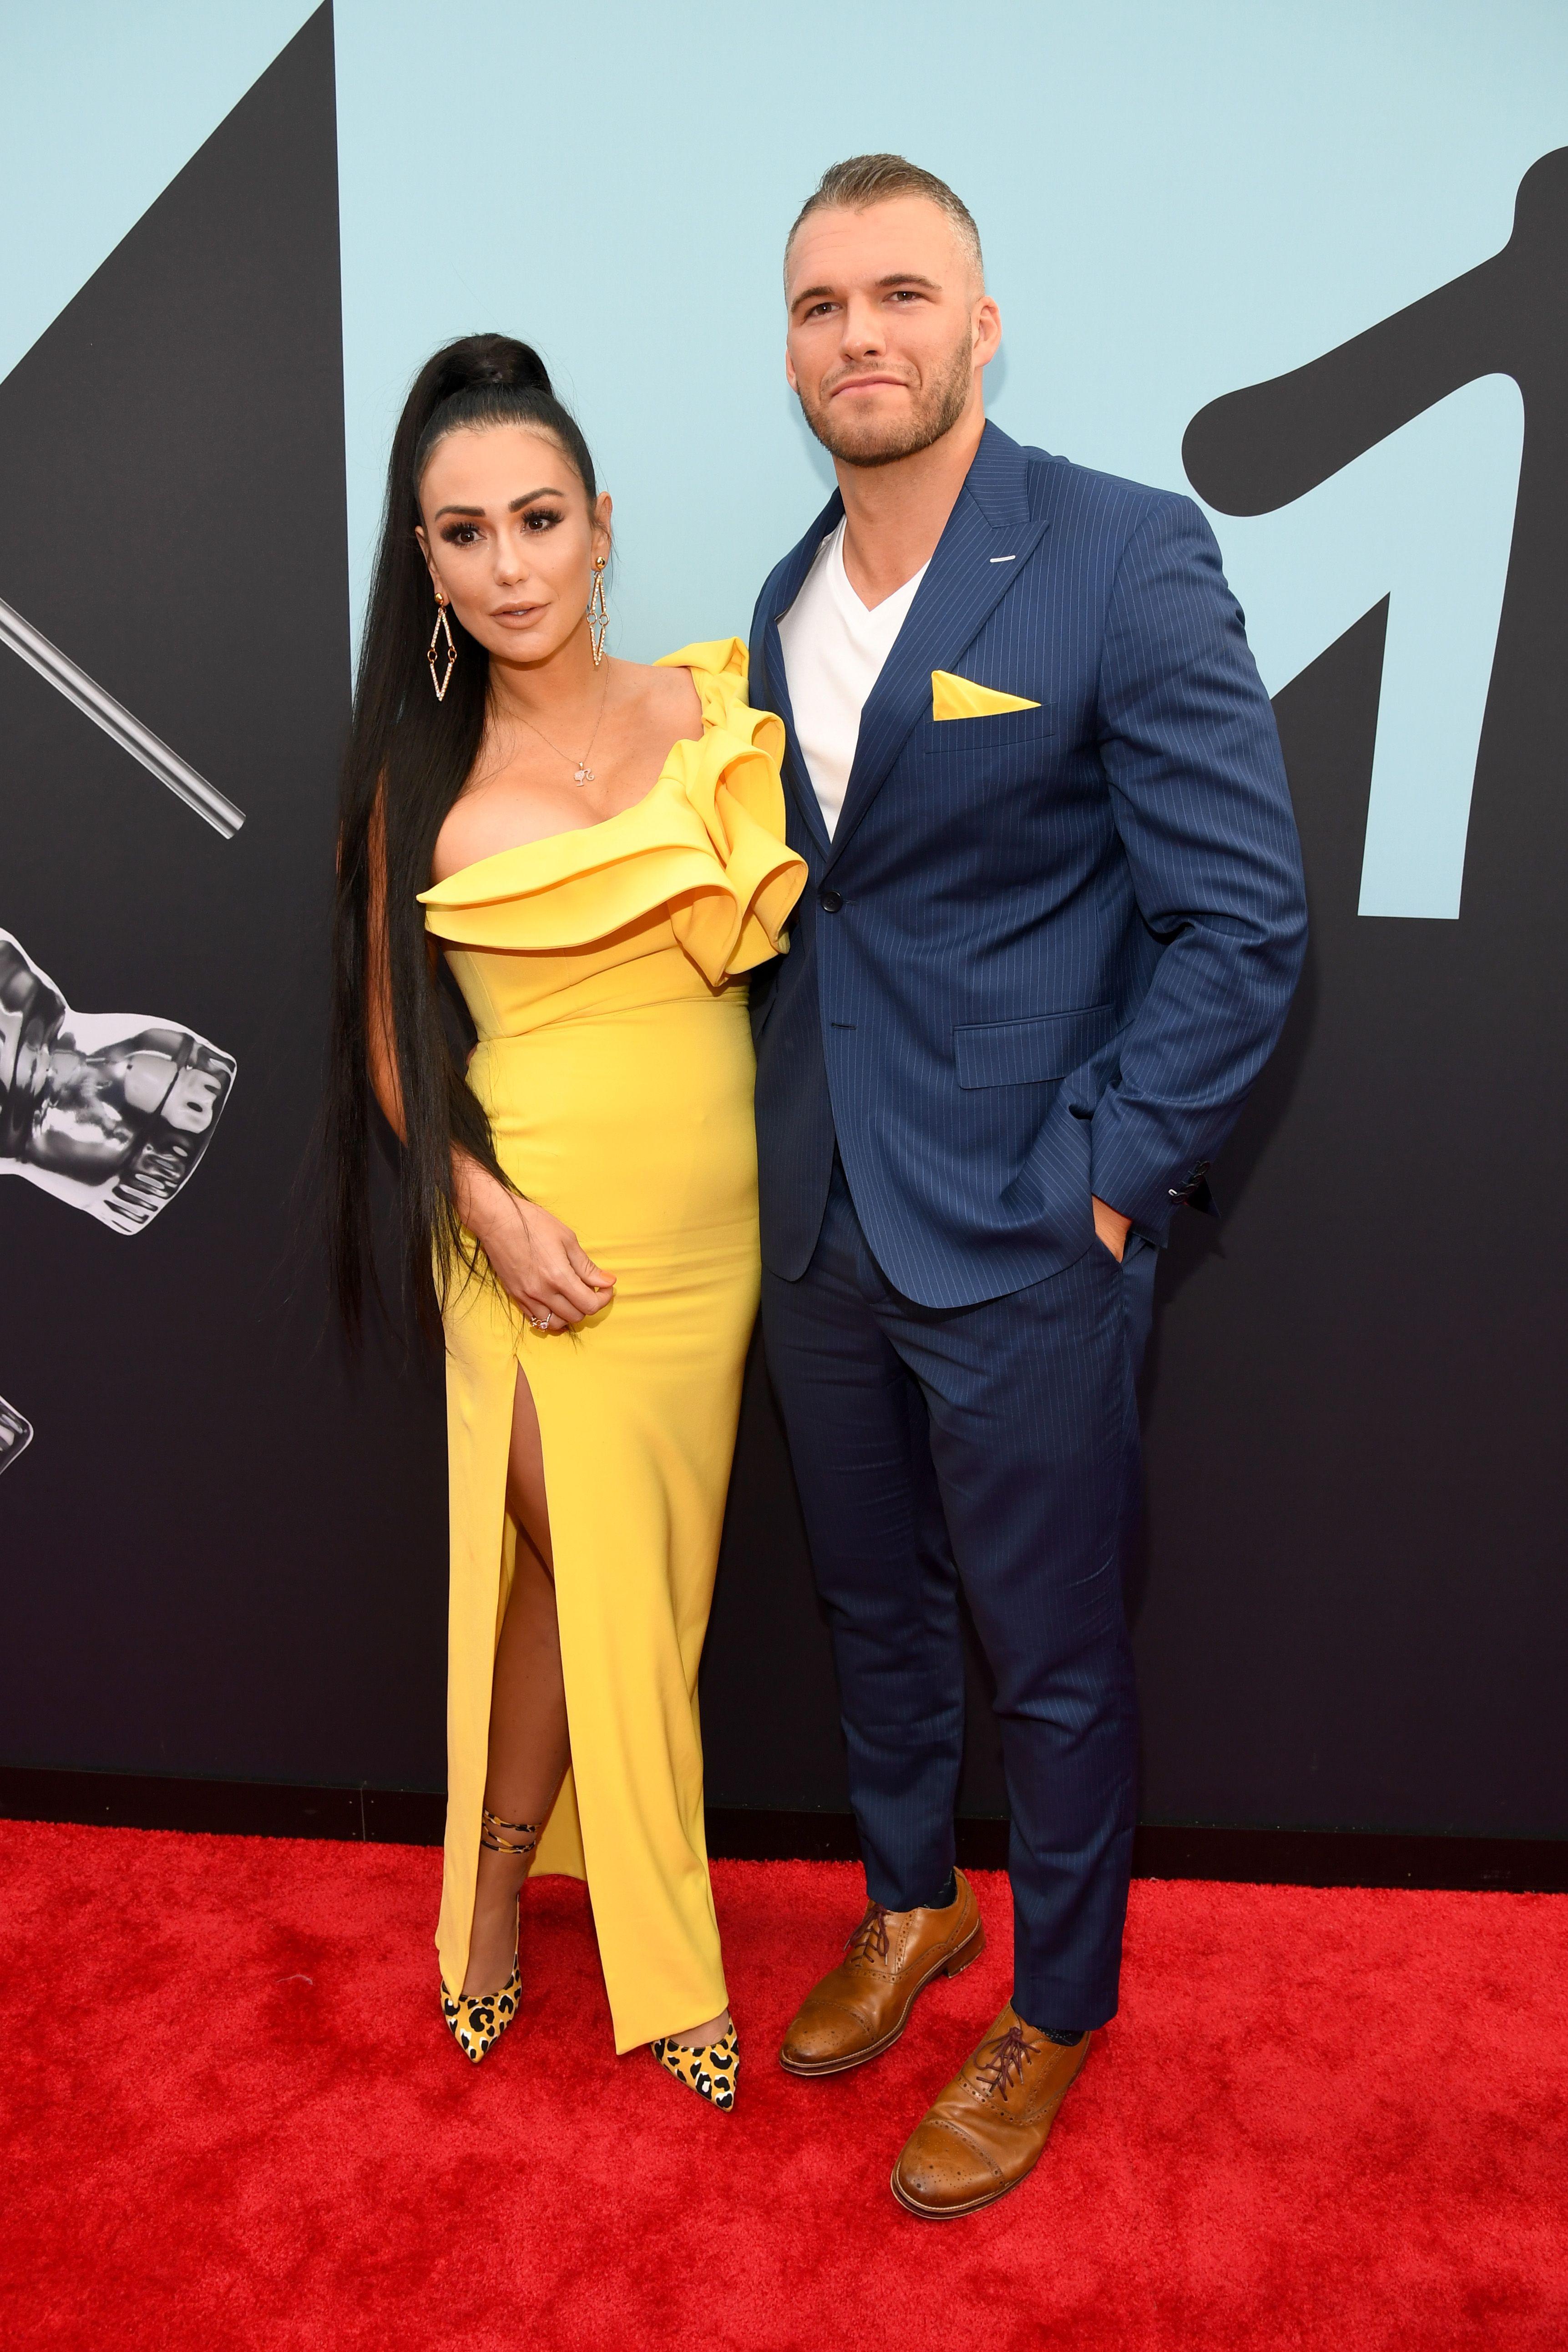 The Cutest 2019 VMAs Couples